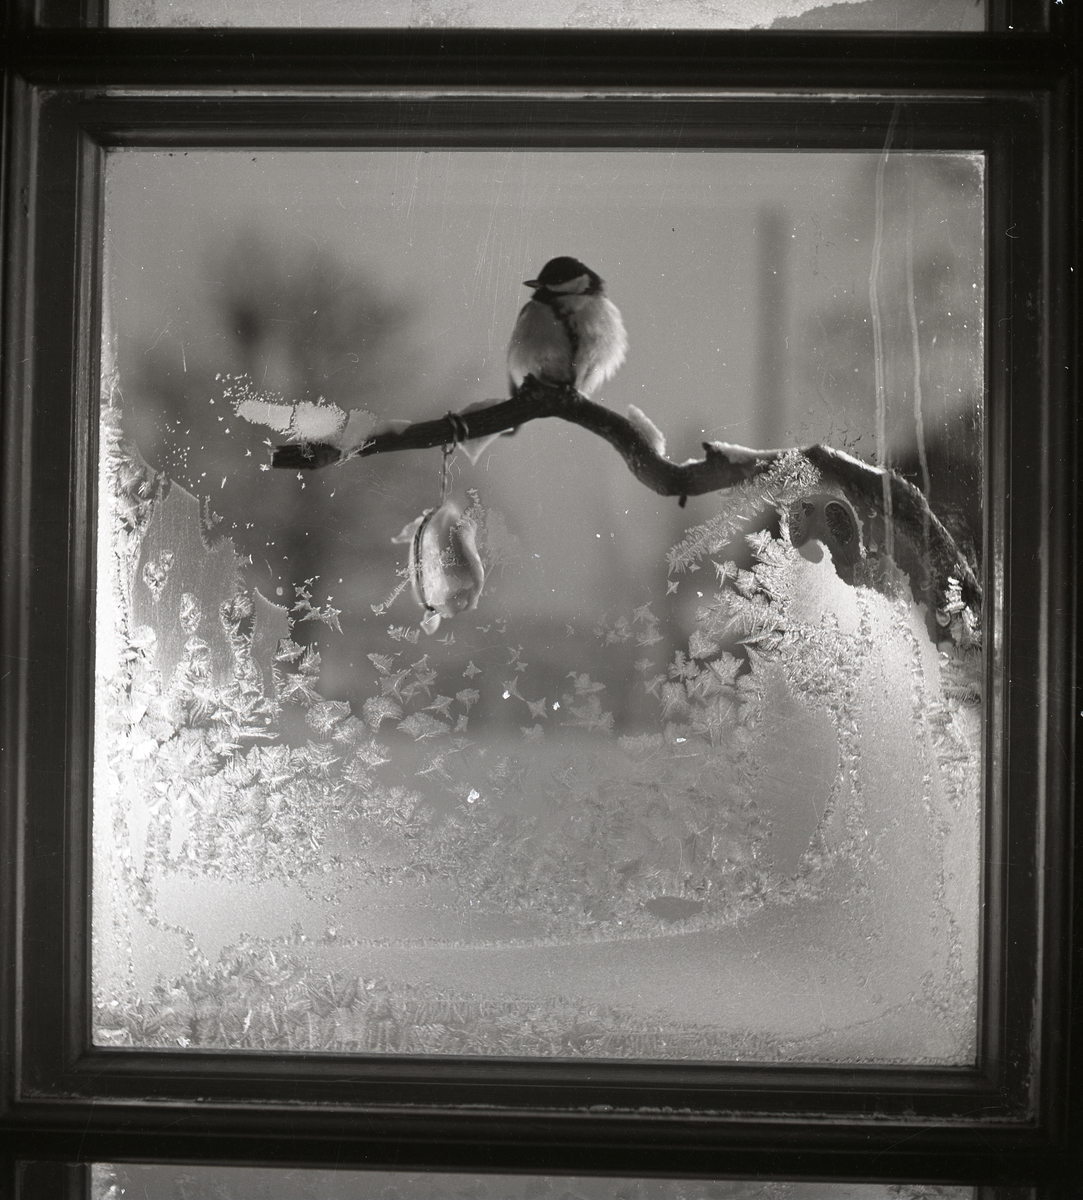 En talgoxe sitter på en gren utanför en fönsterruta delvis täckt med rimfrost, 1950.